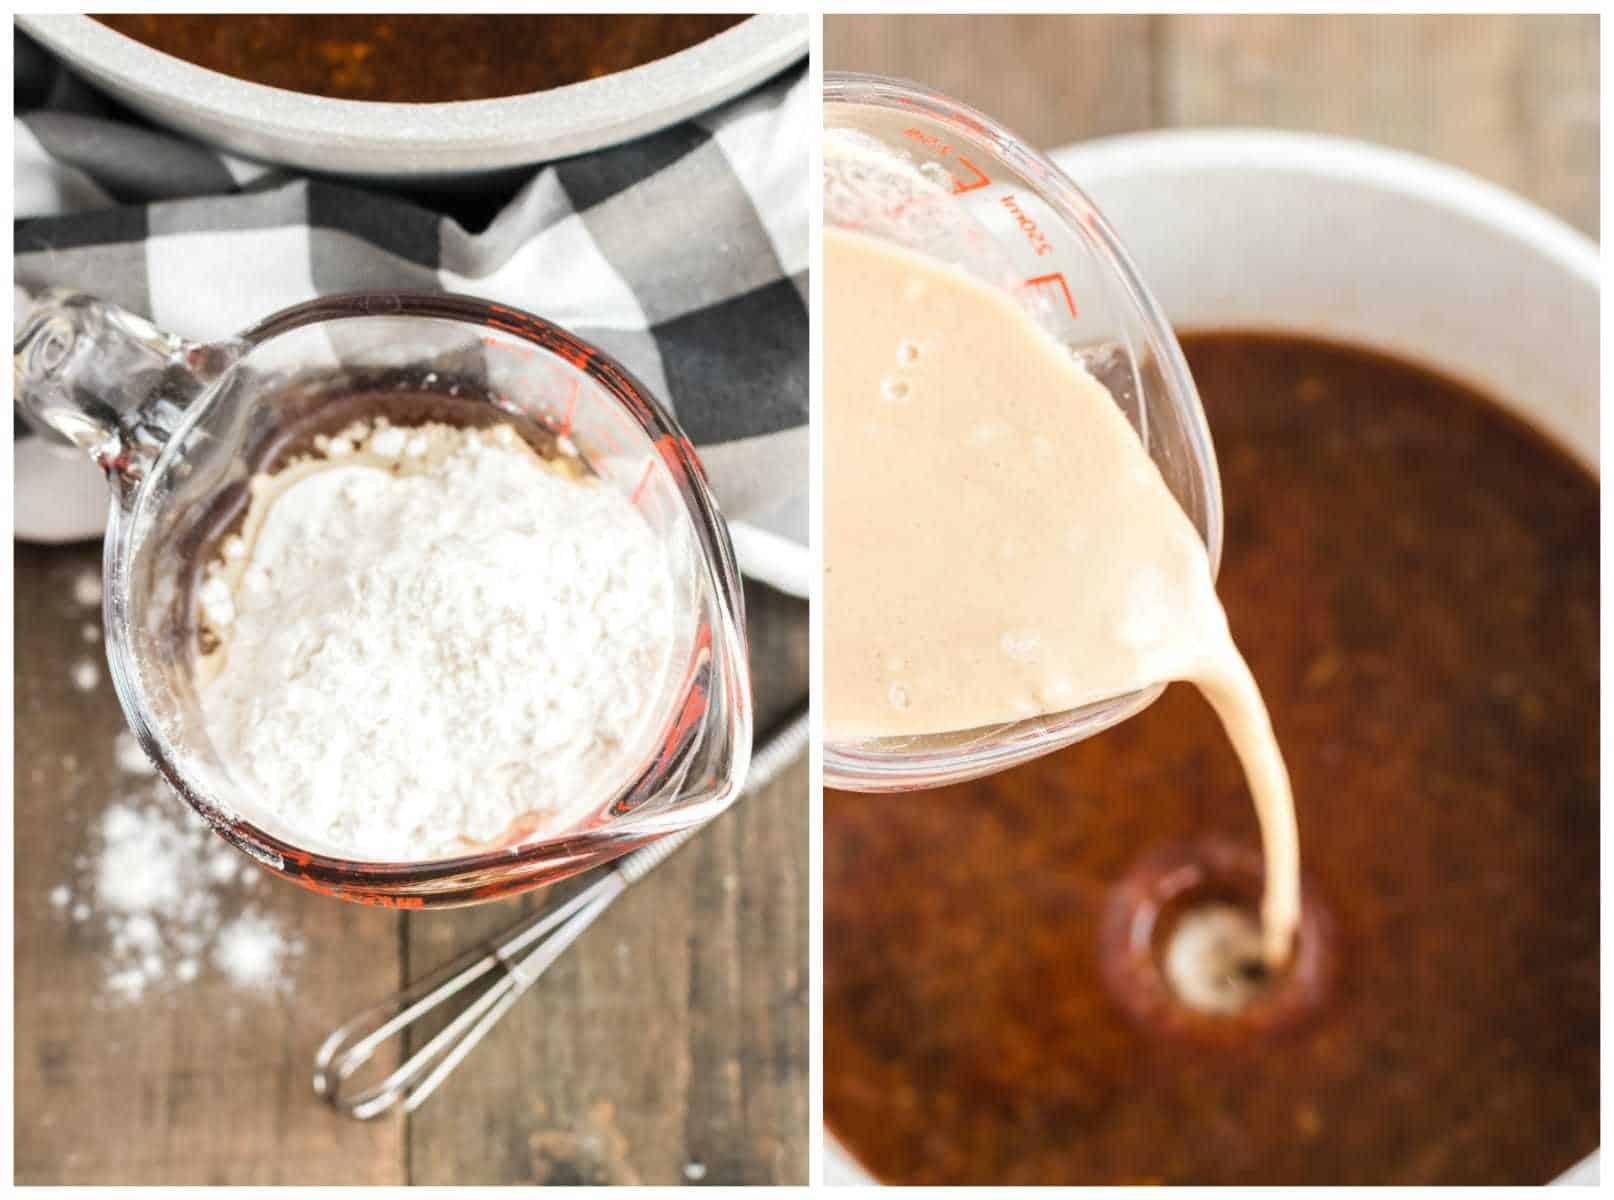 thickening gravy with flour slurry